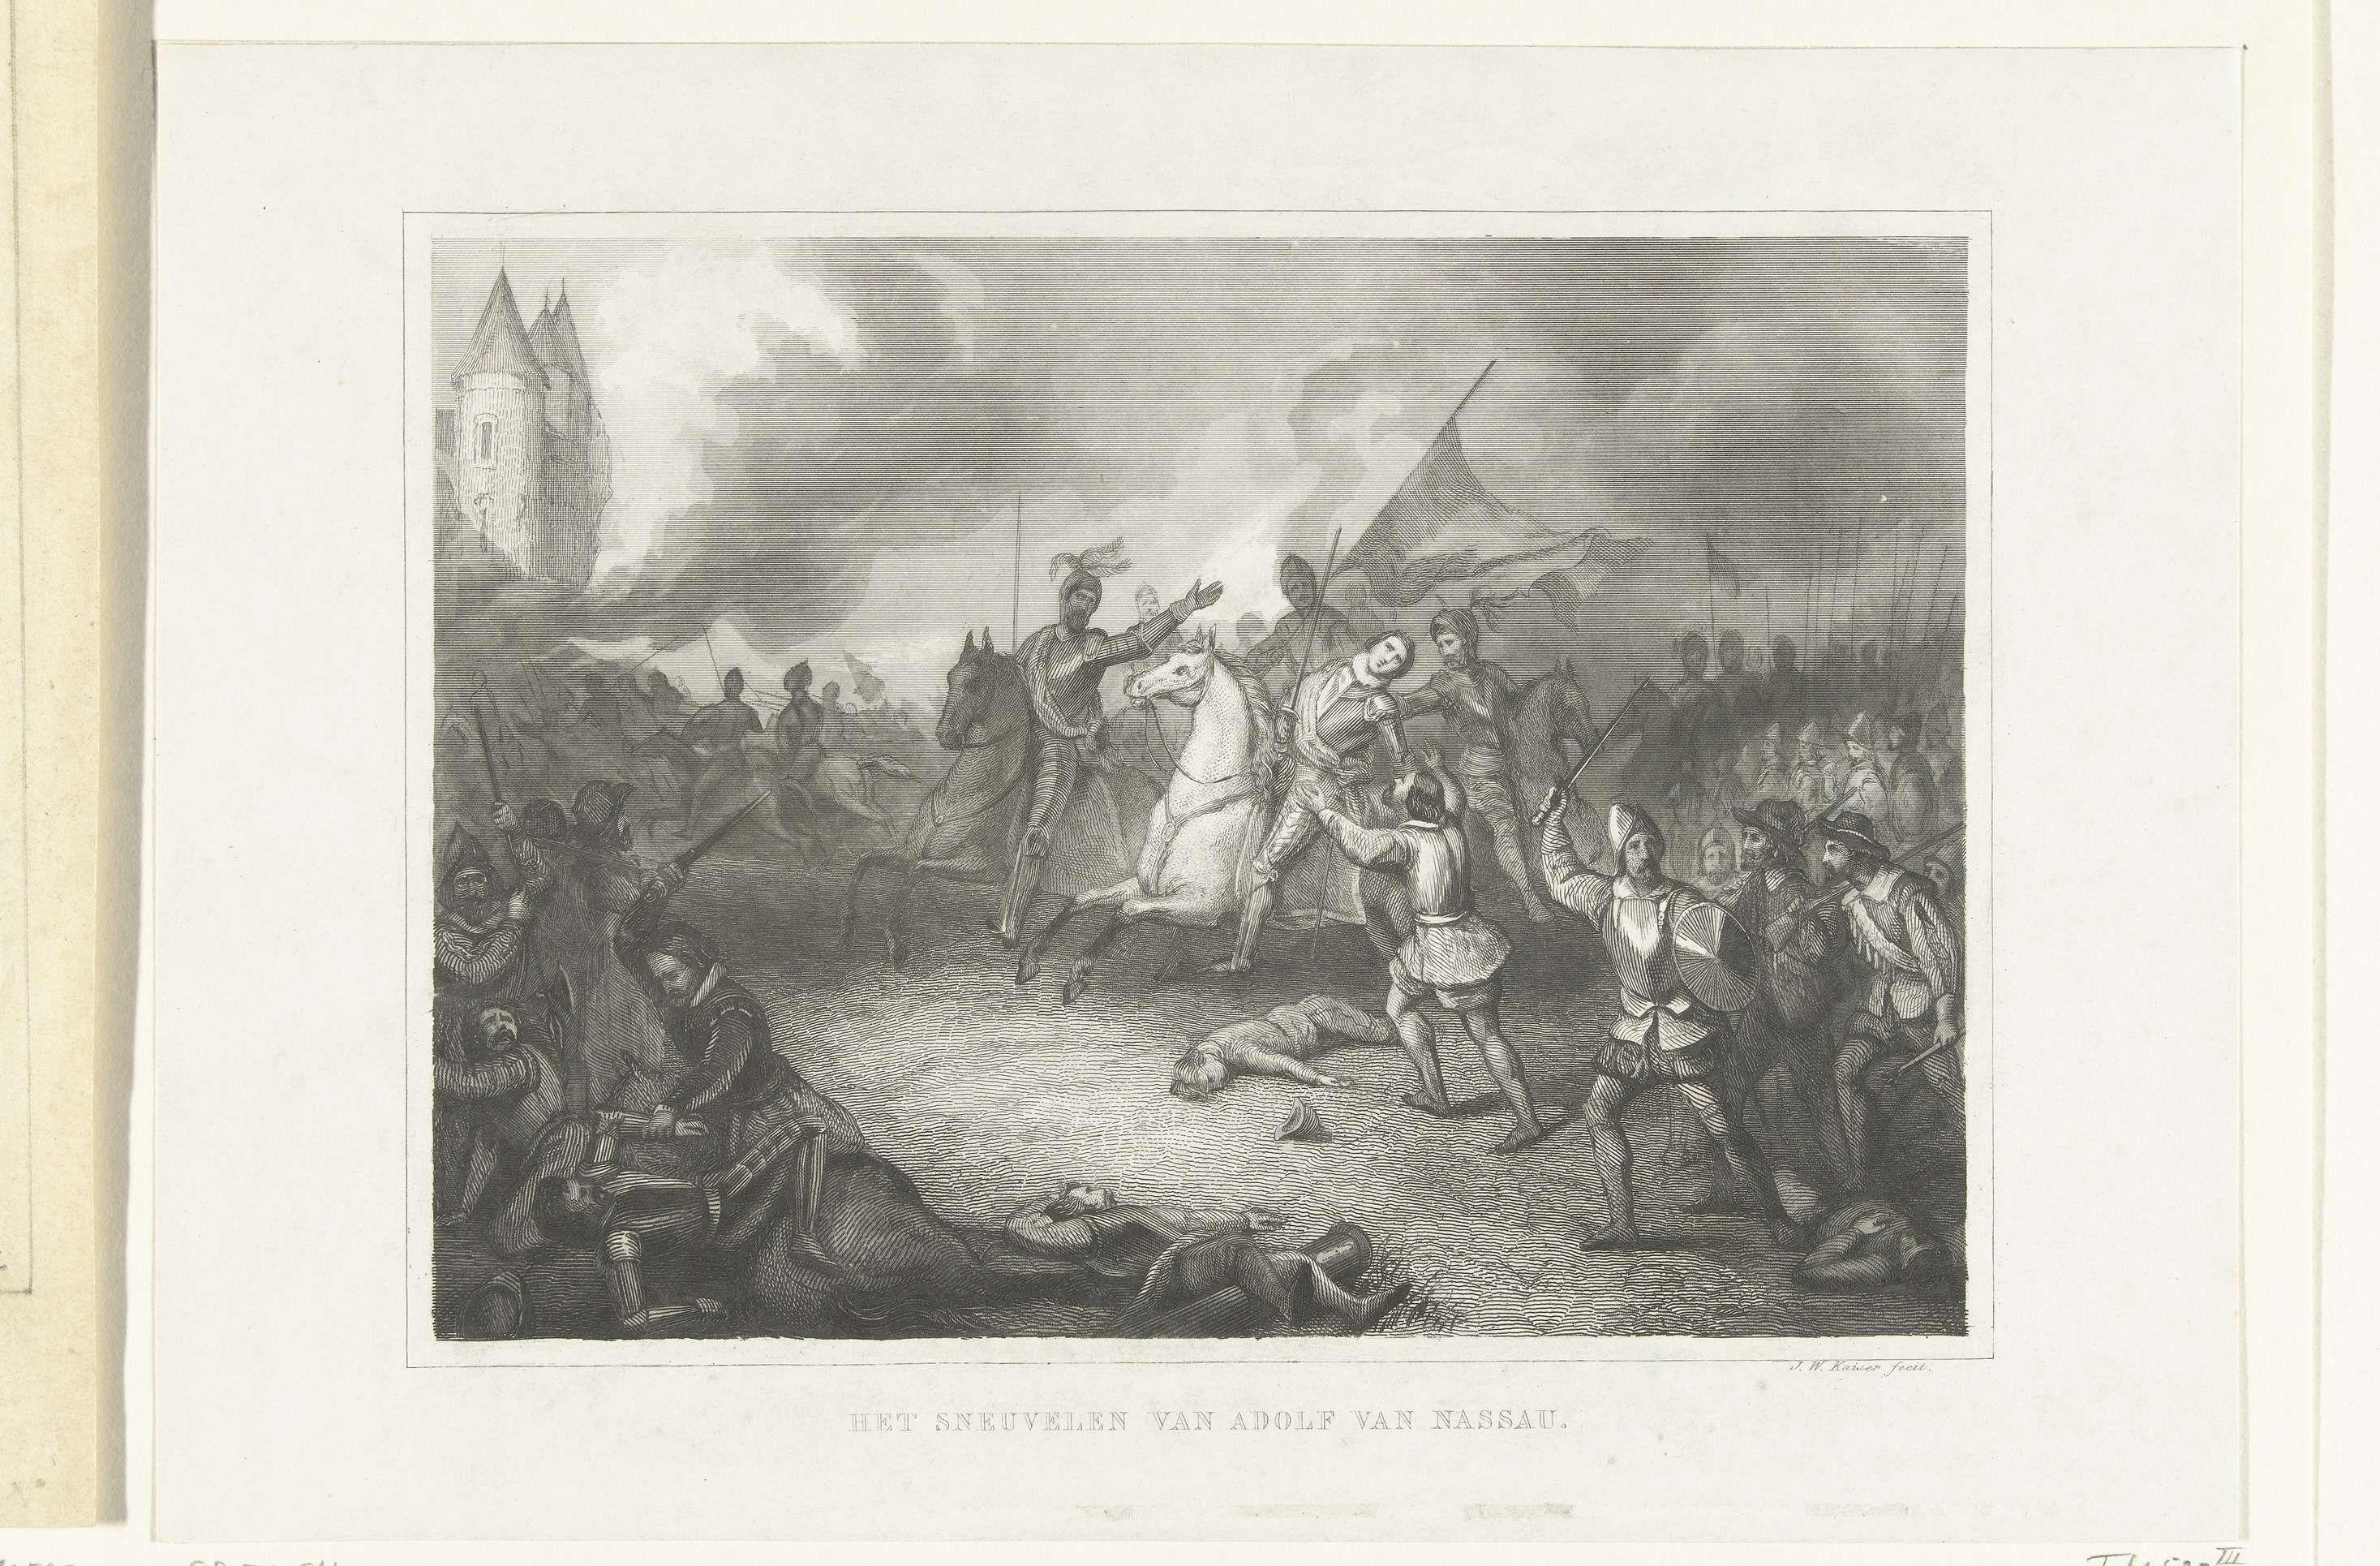 Johann Wilhelm Kaiser (I) | Graaf Adolf van Nassau sneuvelt bij Heiligerlee, 1568, Johann Wilhelm Kaiser (I), 1849 - 1851 | Graaf Adolf van Nassau sneuvelt bij Heiligerlee, 23 mei 1568. In het slagveld valt de graaf dodelijk gewond van zijn paard.